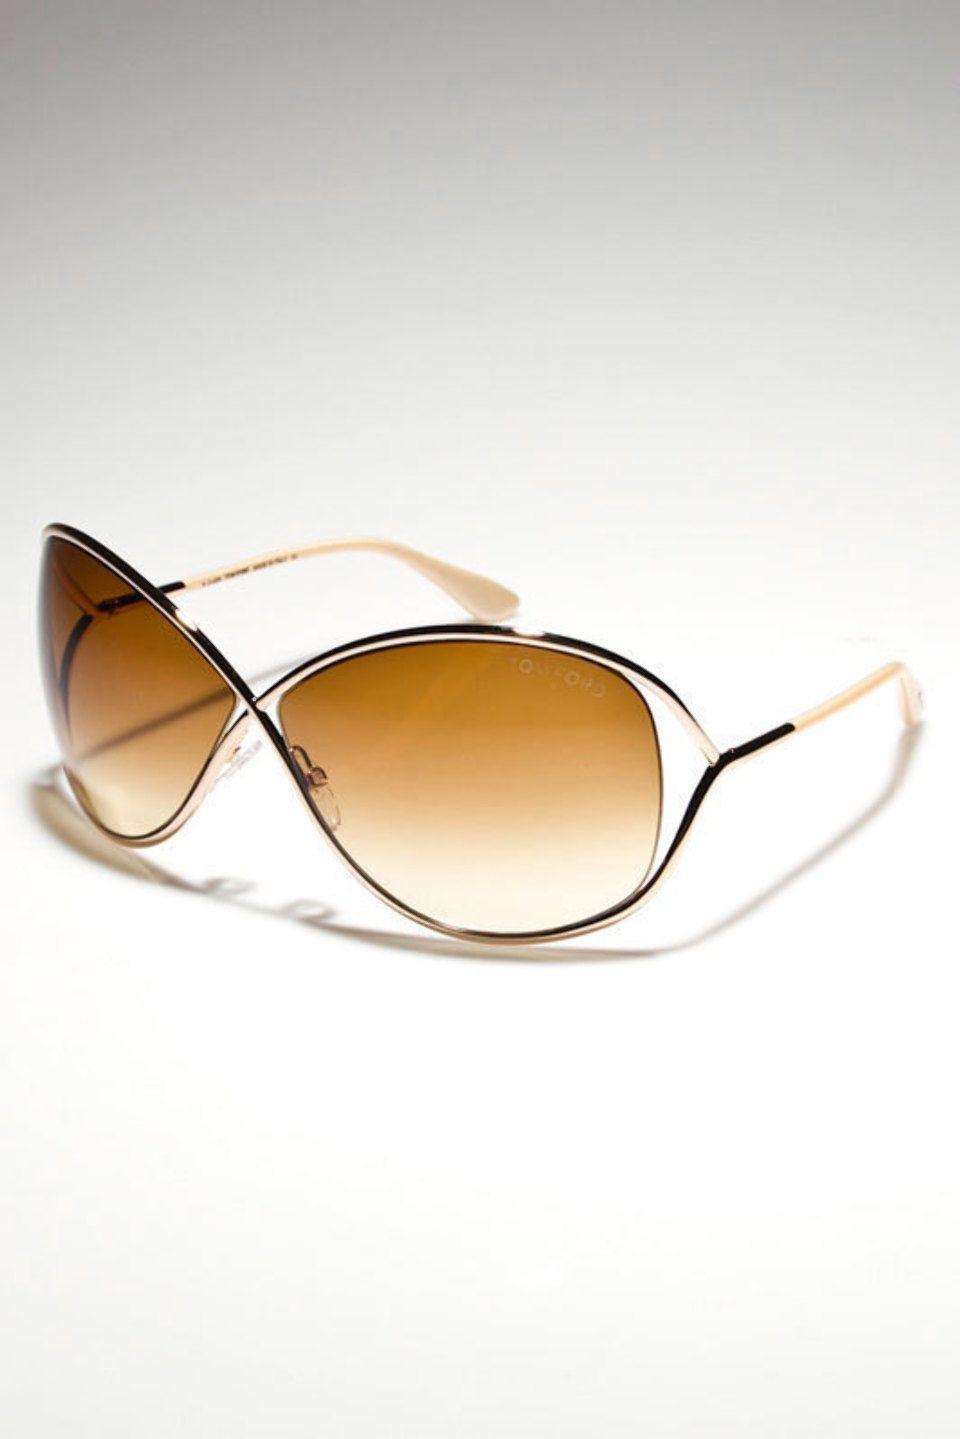 5199f913c7ec TOM FORD SUNGLASSES  Michelle Flynn Flynn Flynn Flynn Coleman-HERS...  Finally found these prescription sunglasses!! ❤